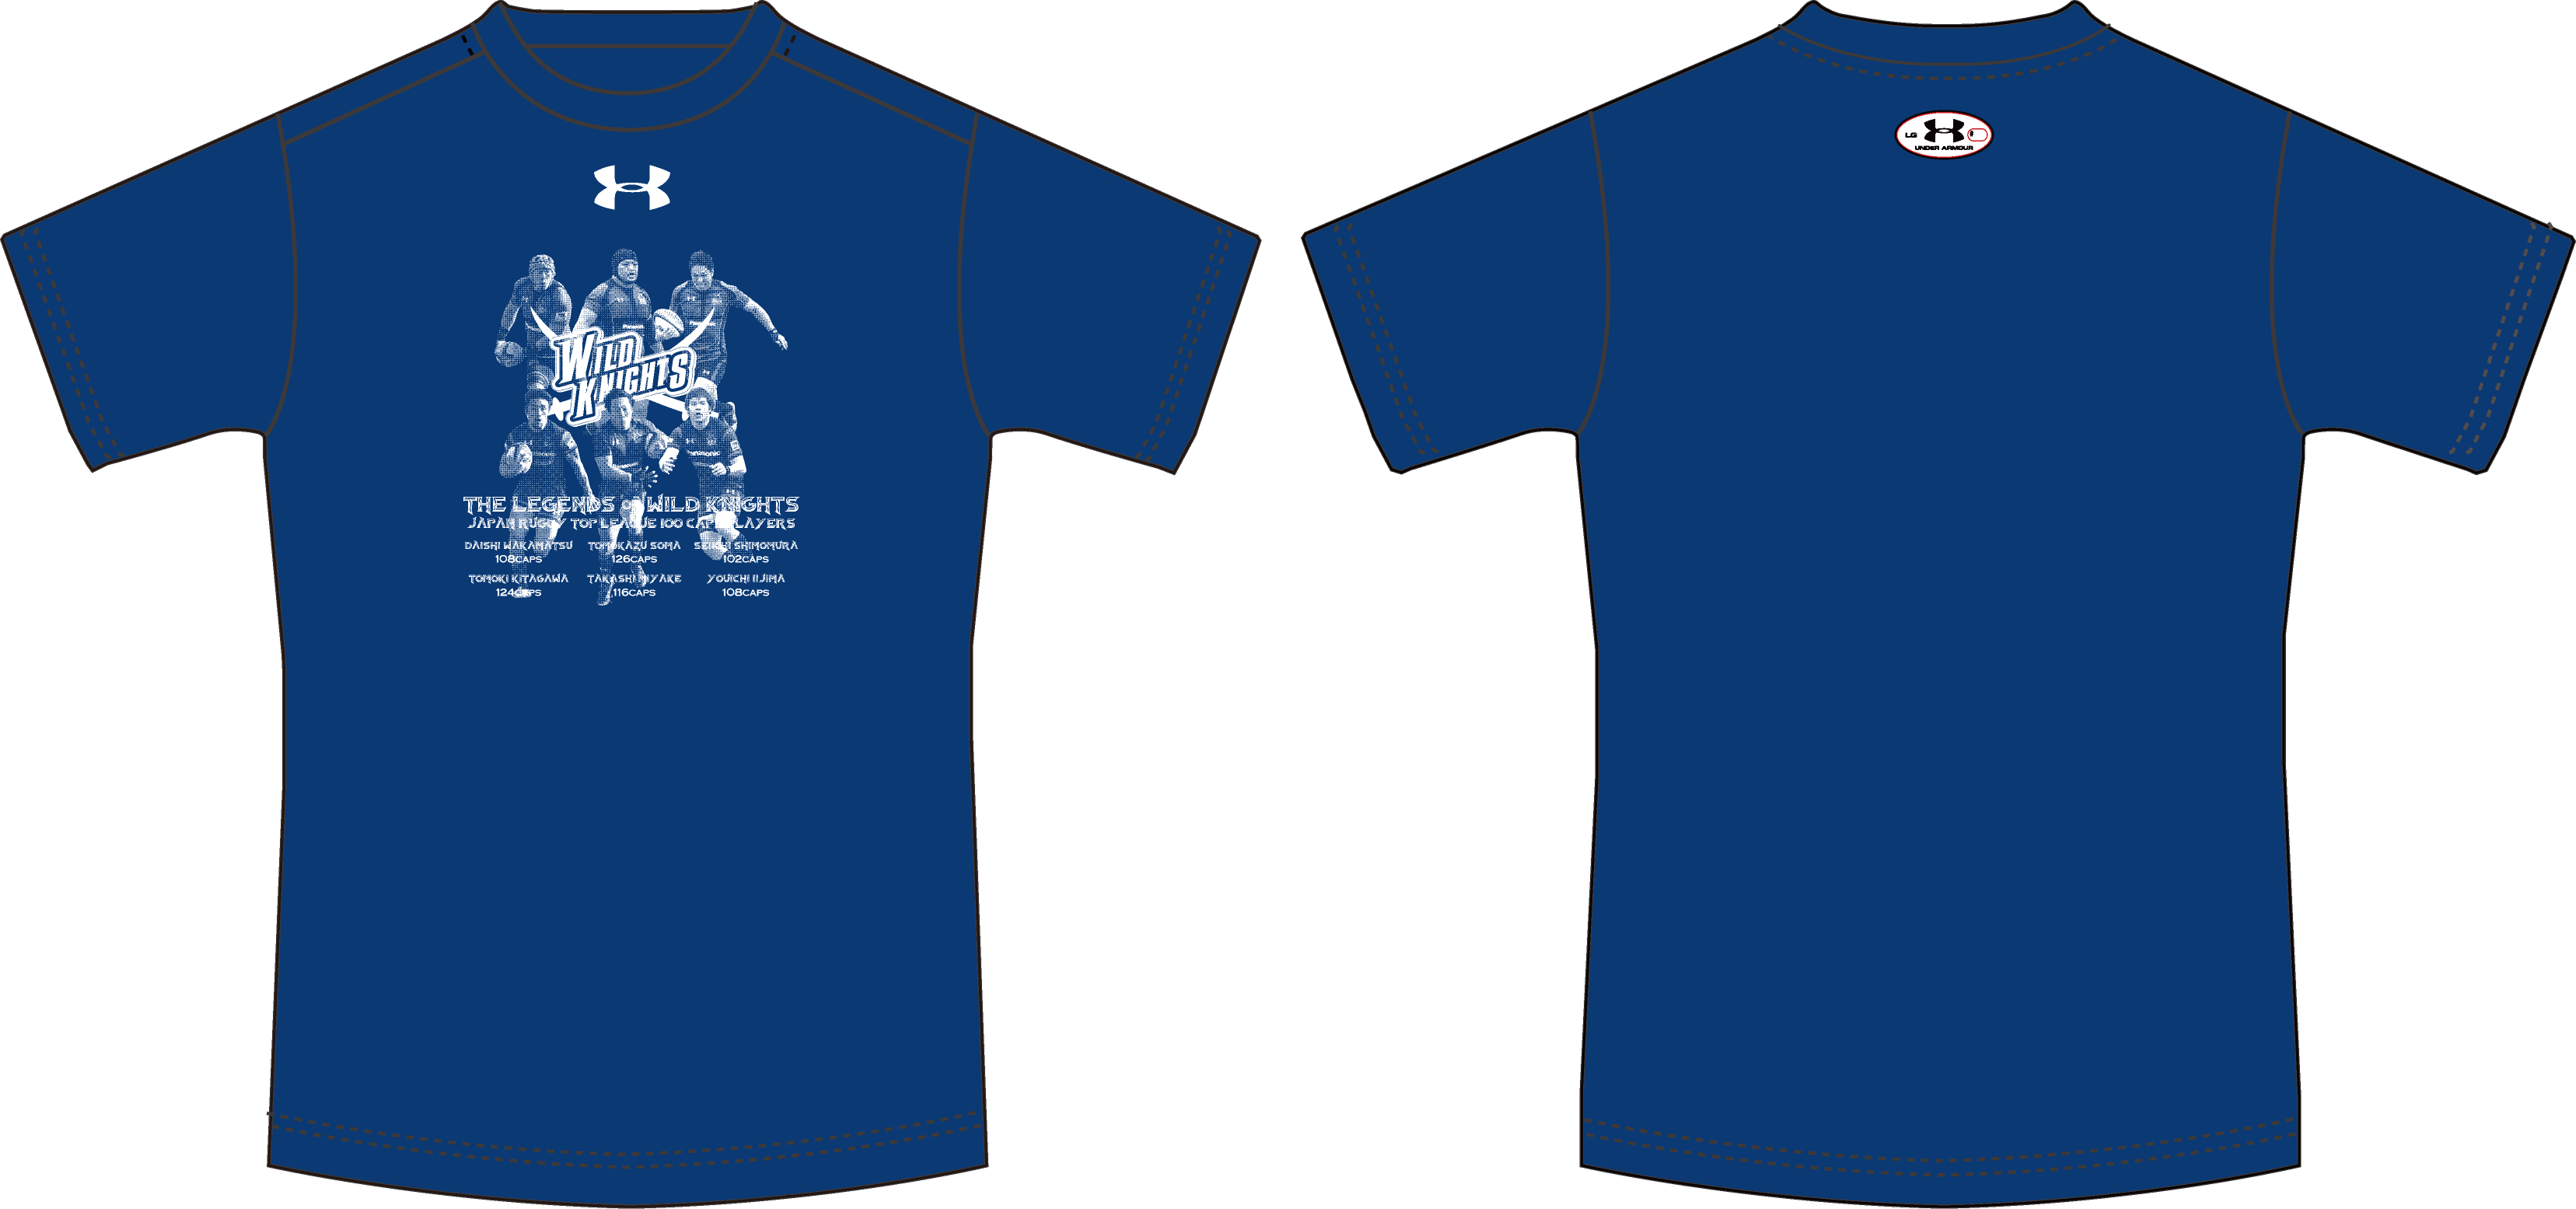 《ワイルドナイツグッズ》アンダーアーマー製ワイルドナイツレジェンドTシャツ 【1着までメール便(ゆうパケット)対応可】《Wild Knights Goods》 Wild Knights Legend T-shirt by Under Armour.